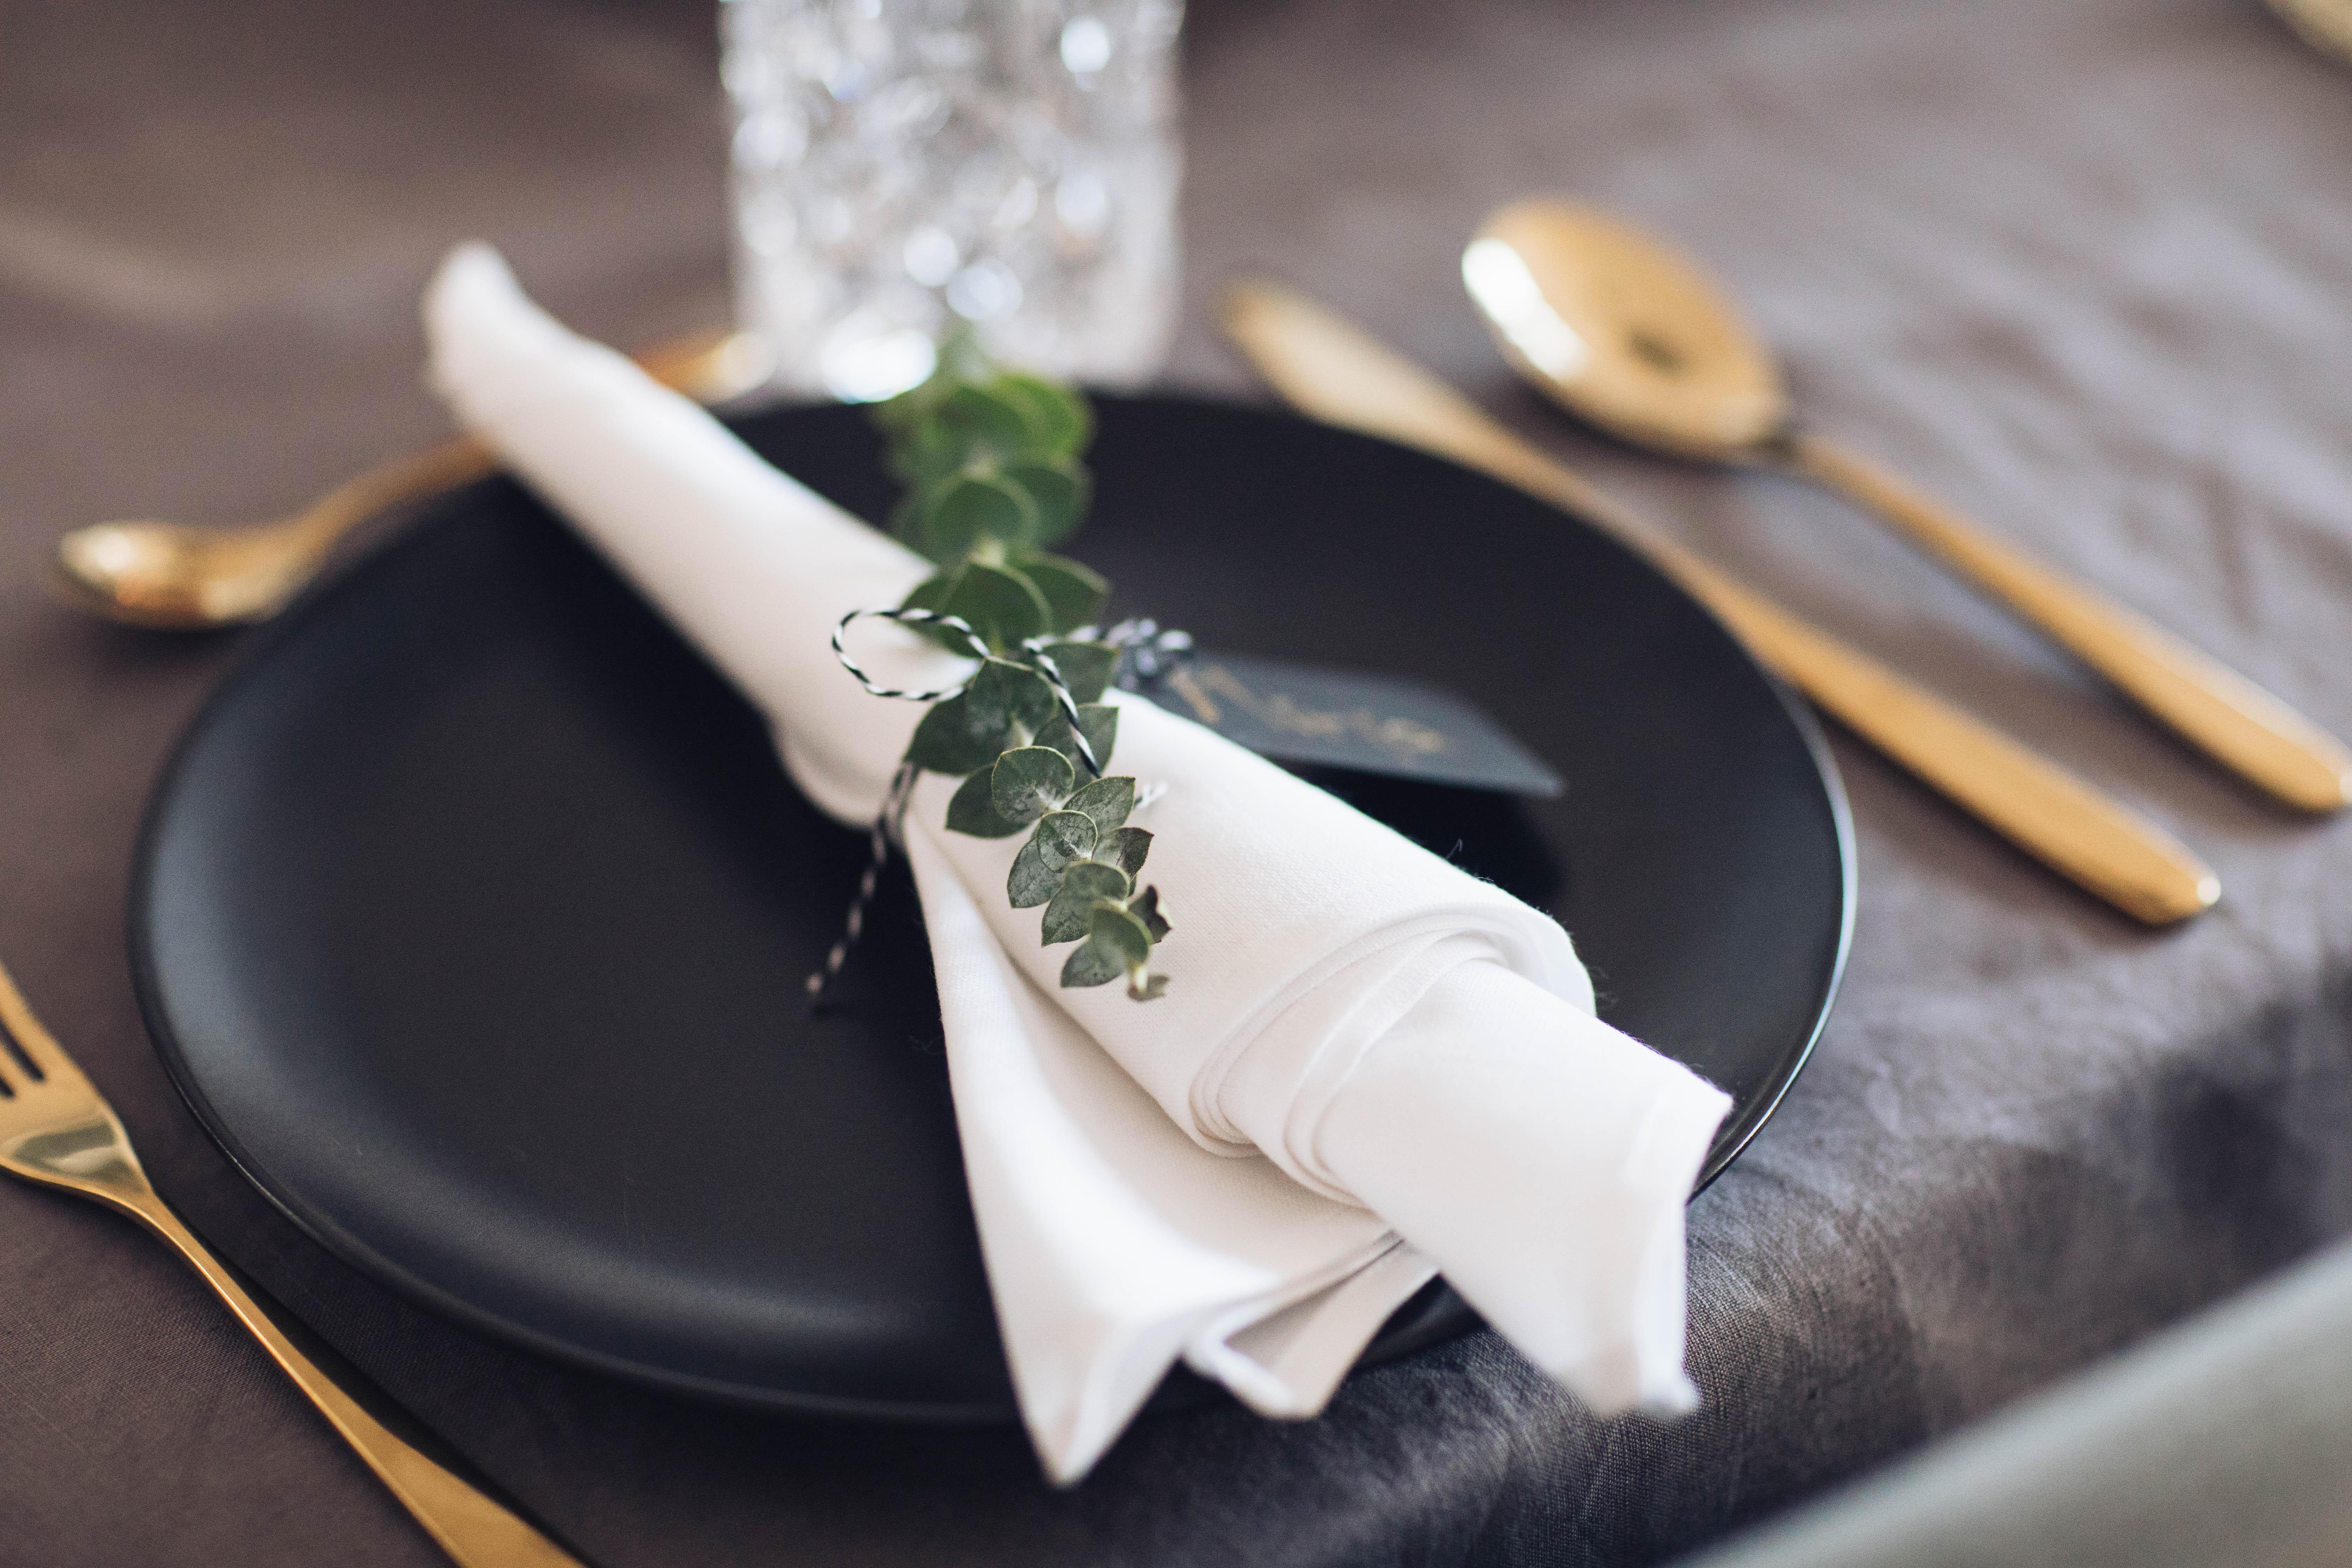 festliche tisch dekoration mit eukalyptus not another diet. Black Bedroom Furniture Sets. Home Design Ideas